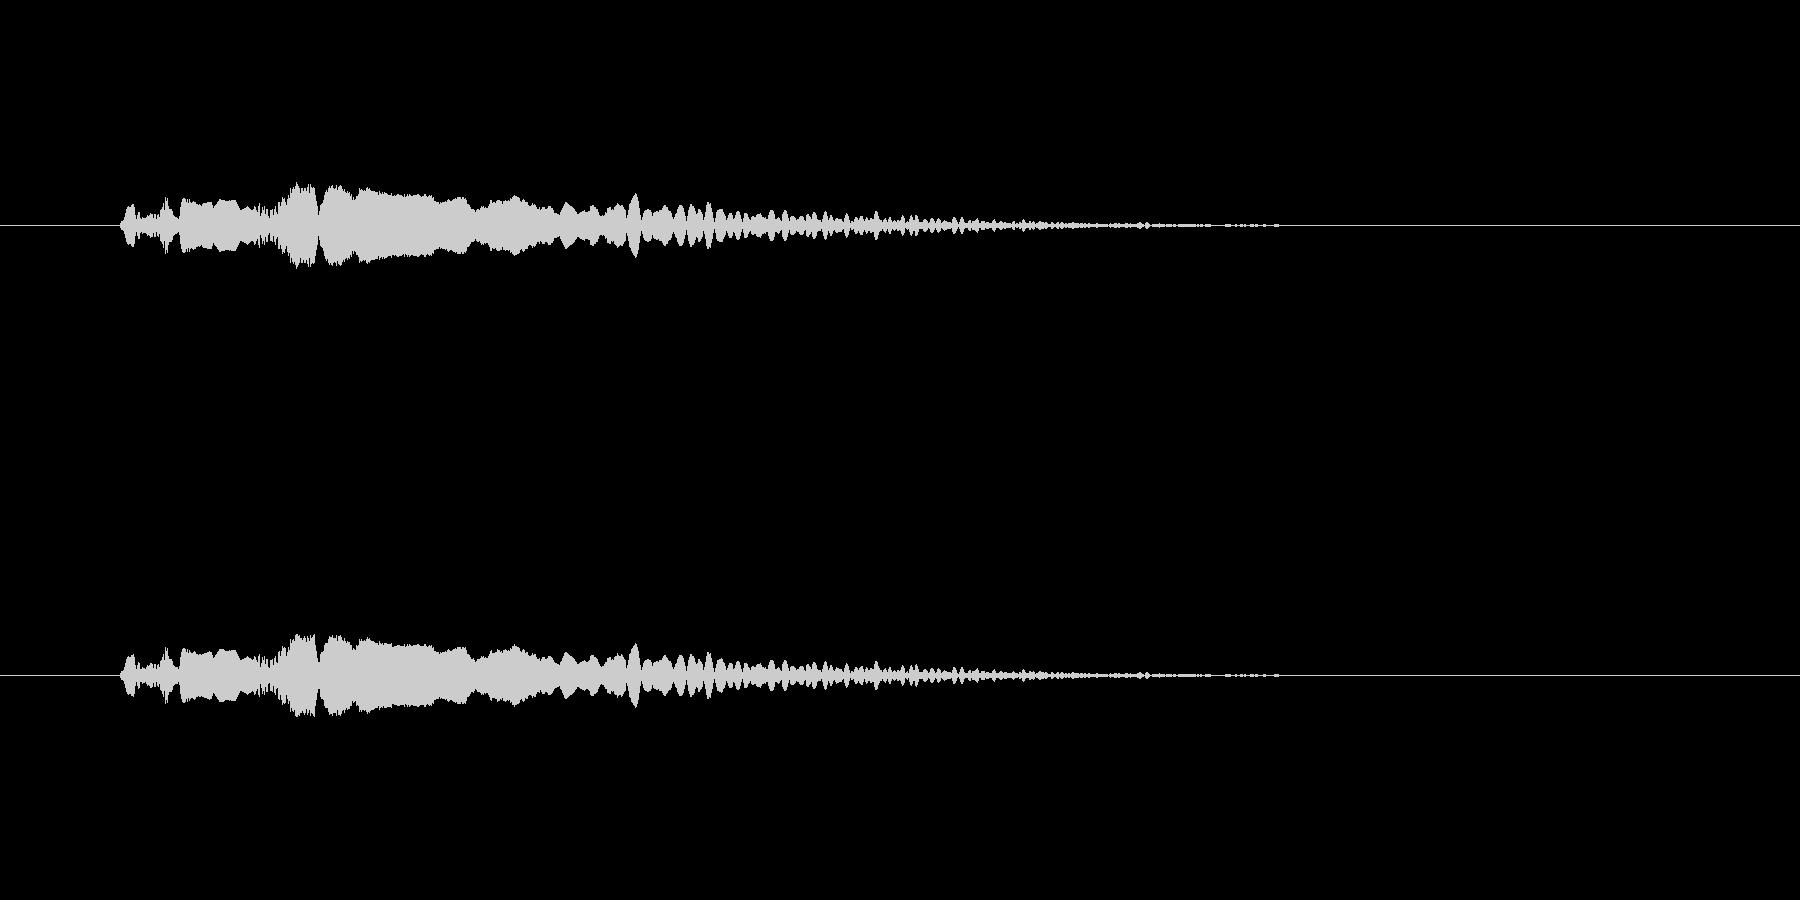 【ポップモーション30-1】の未再生の波形